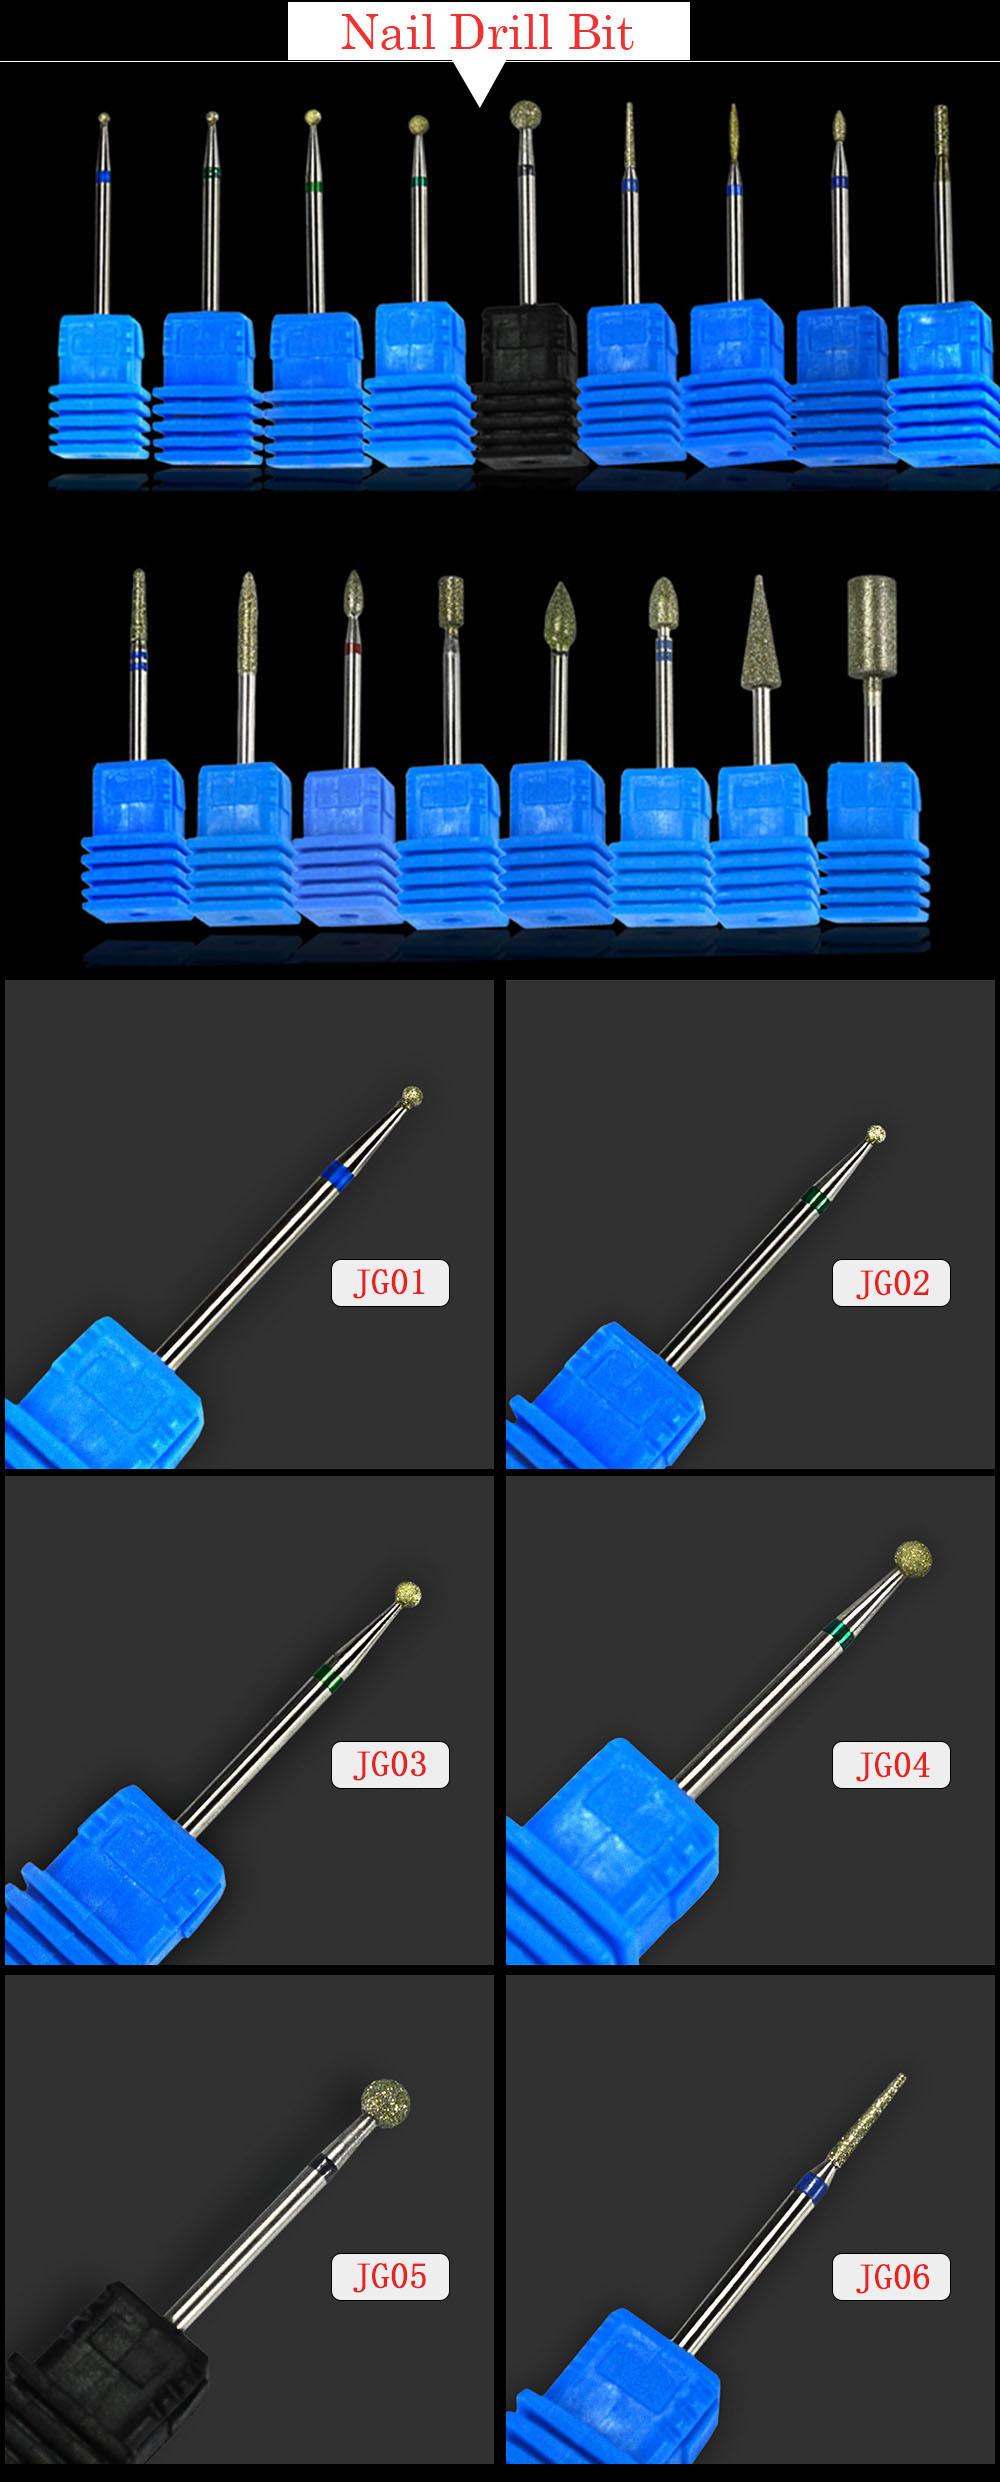 nail drill bit 1